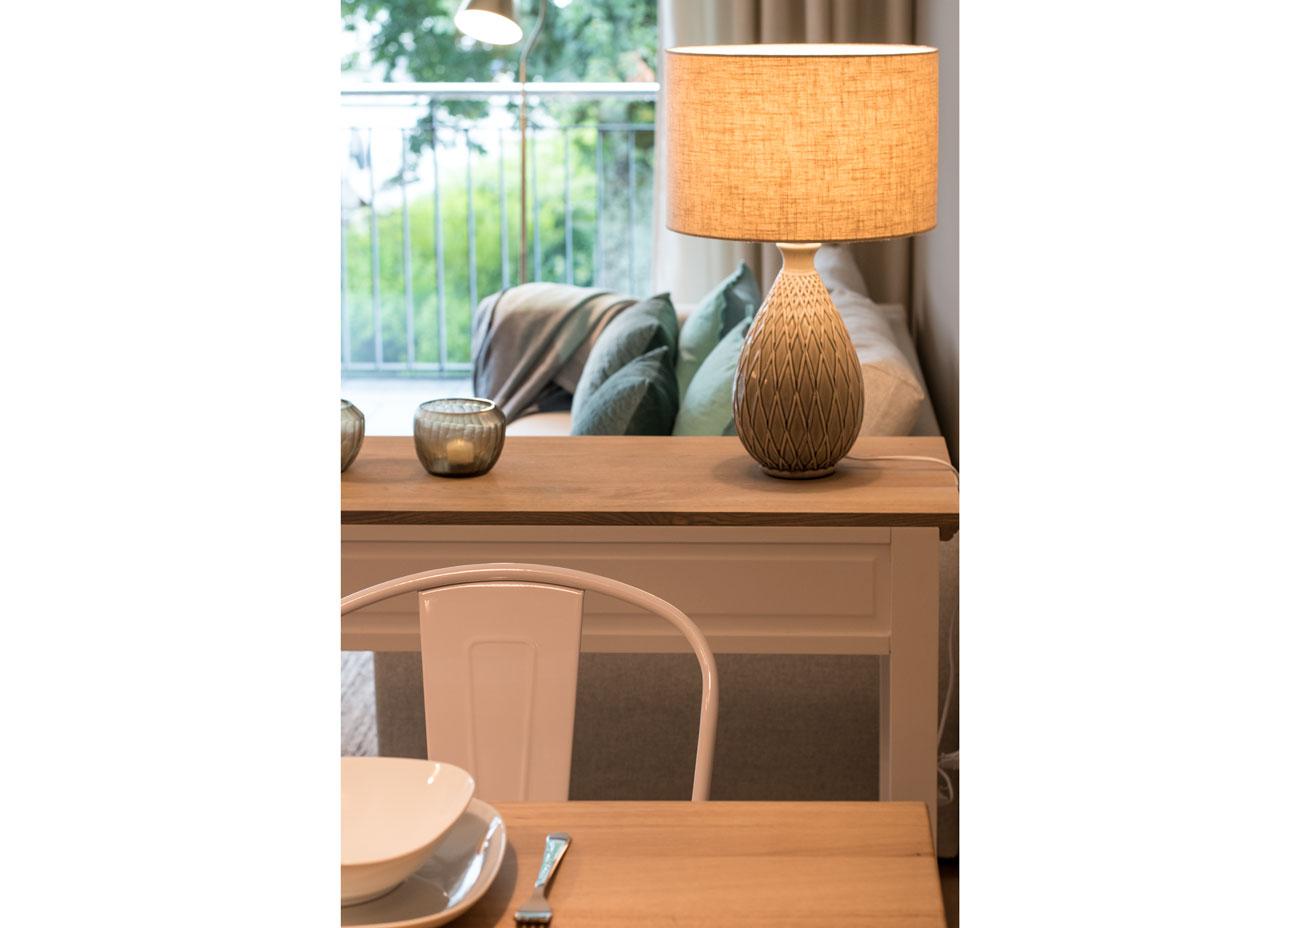 Ferienwohnung einrichten couch mit kissen tischleuchten konsole teelicht